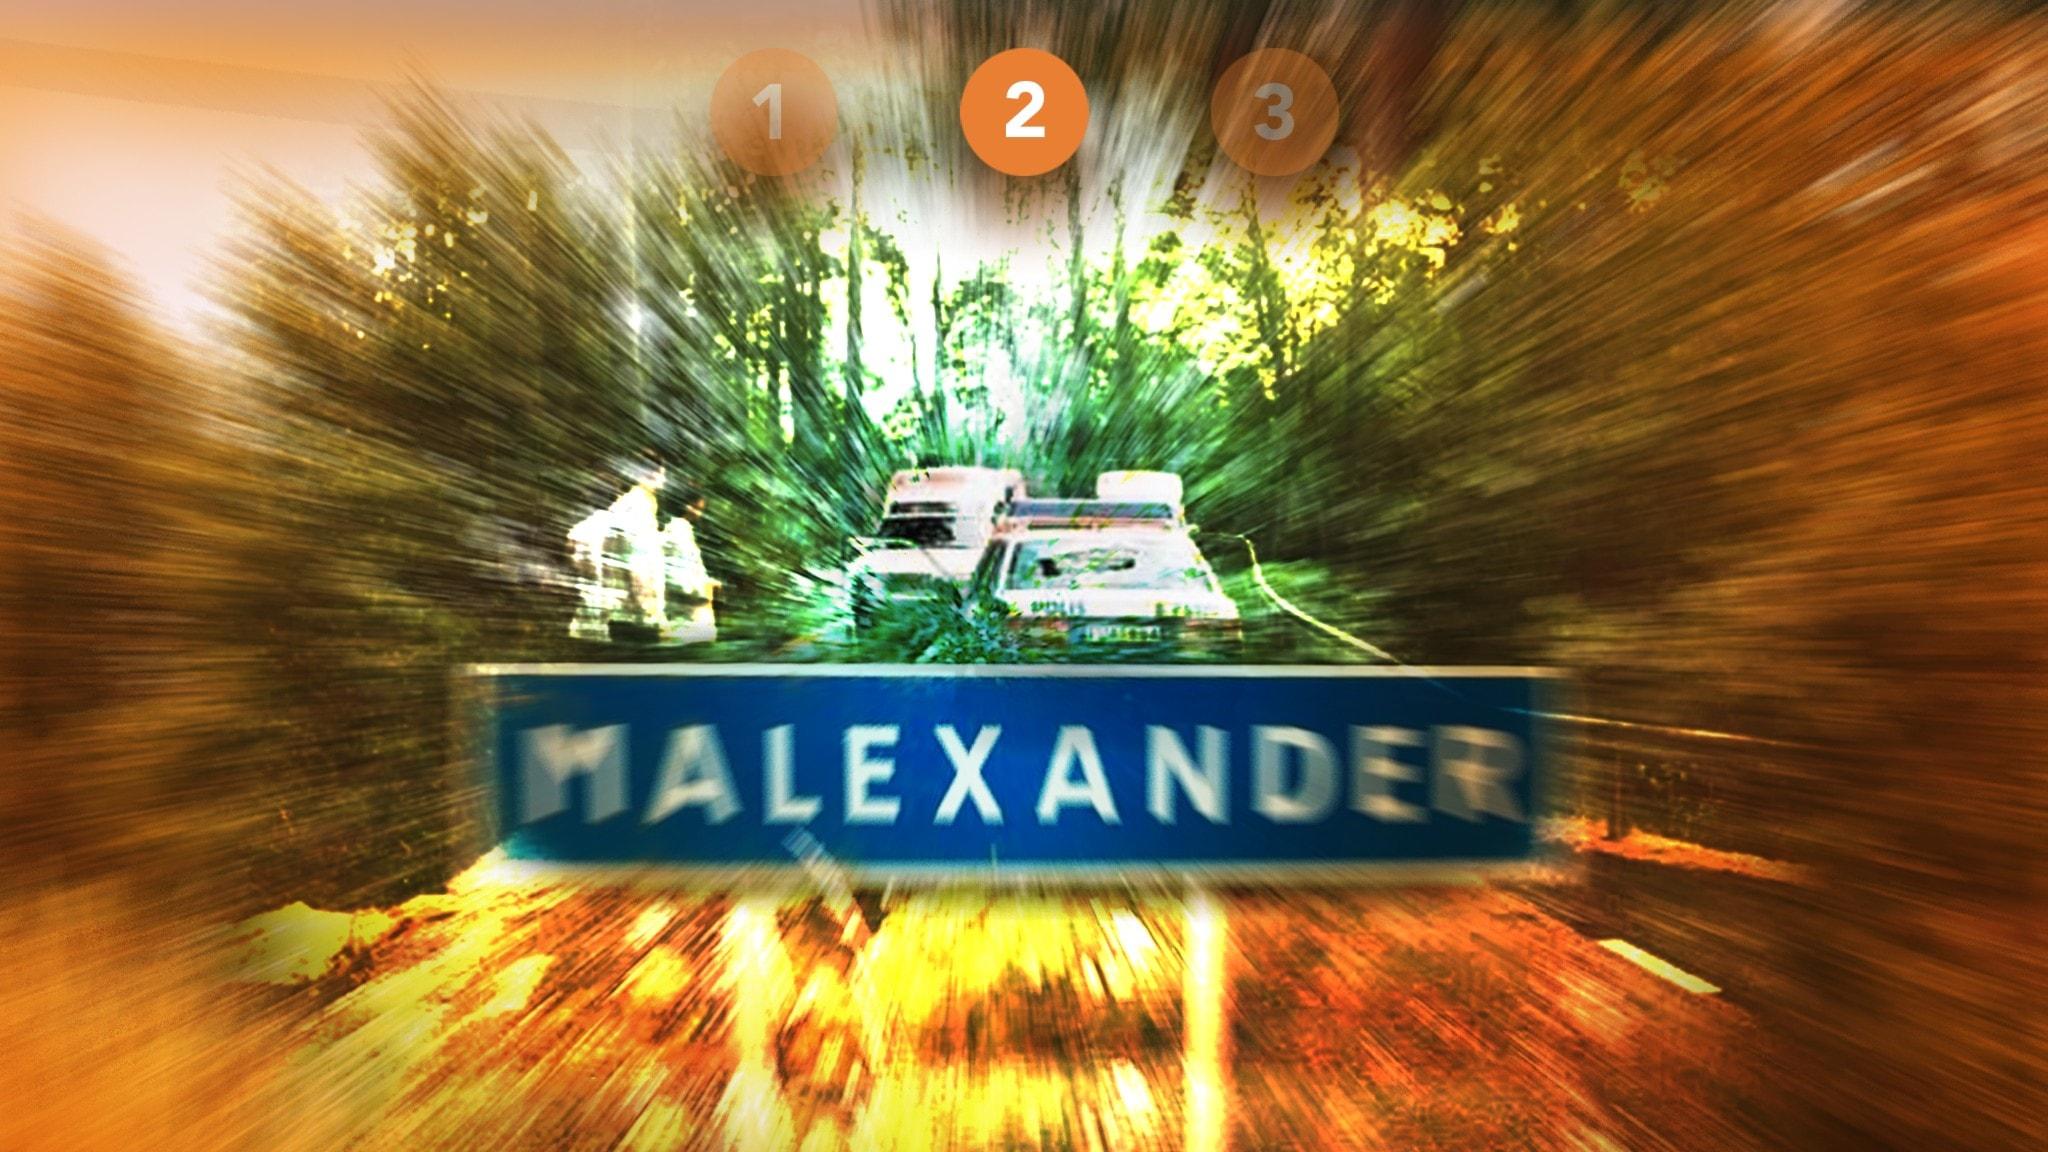 Malexander: En polismördare erkänner